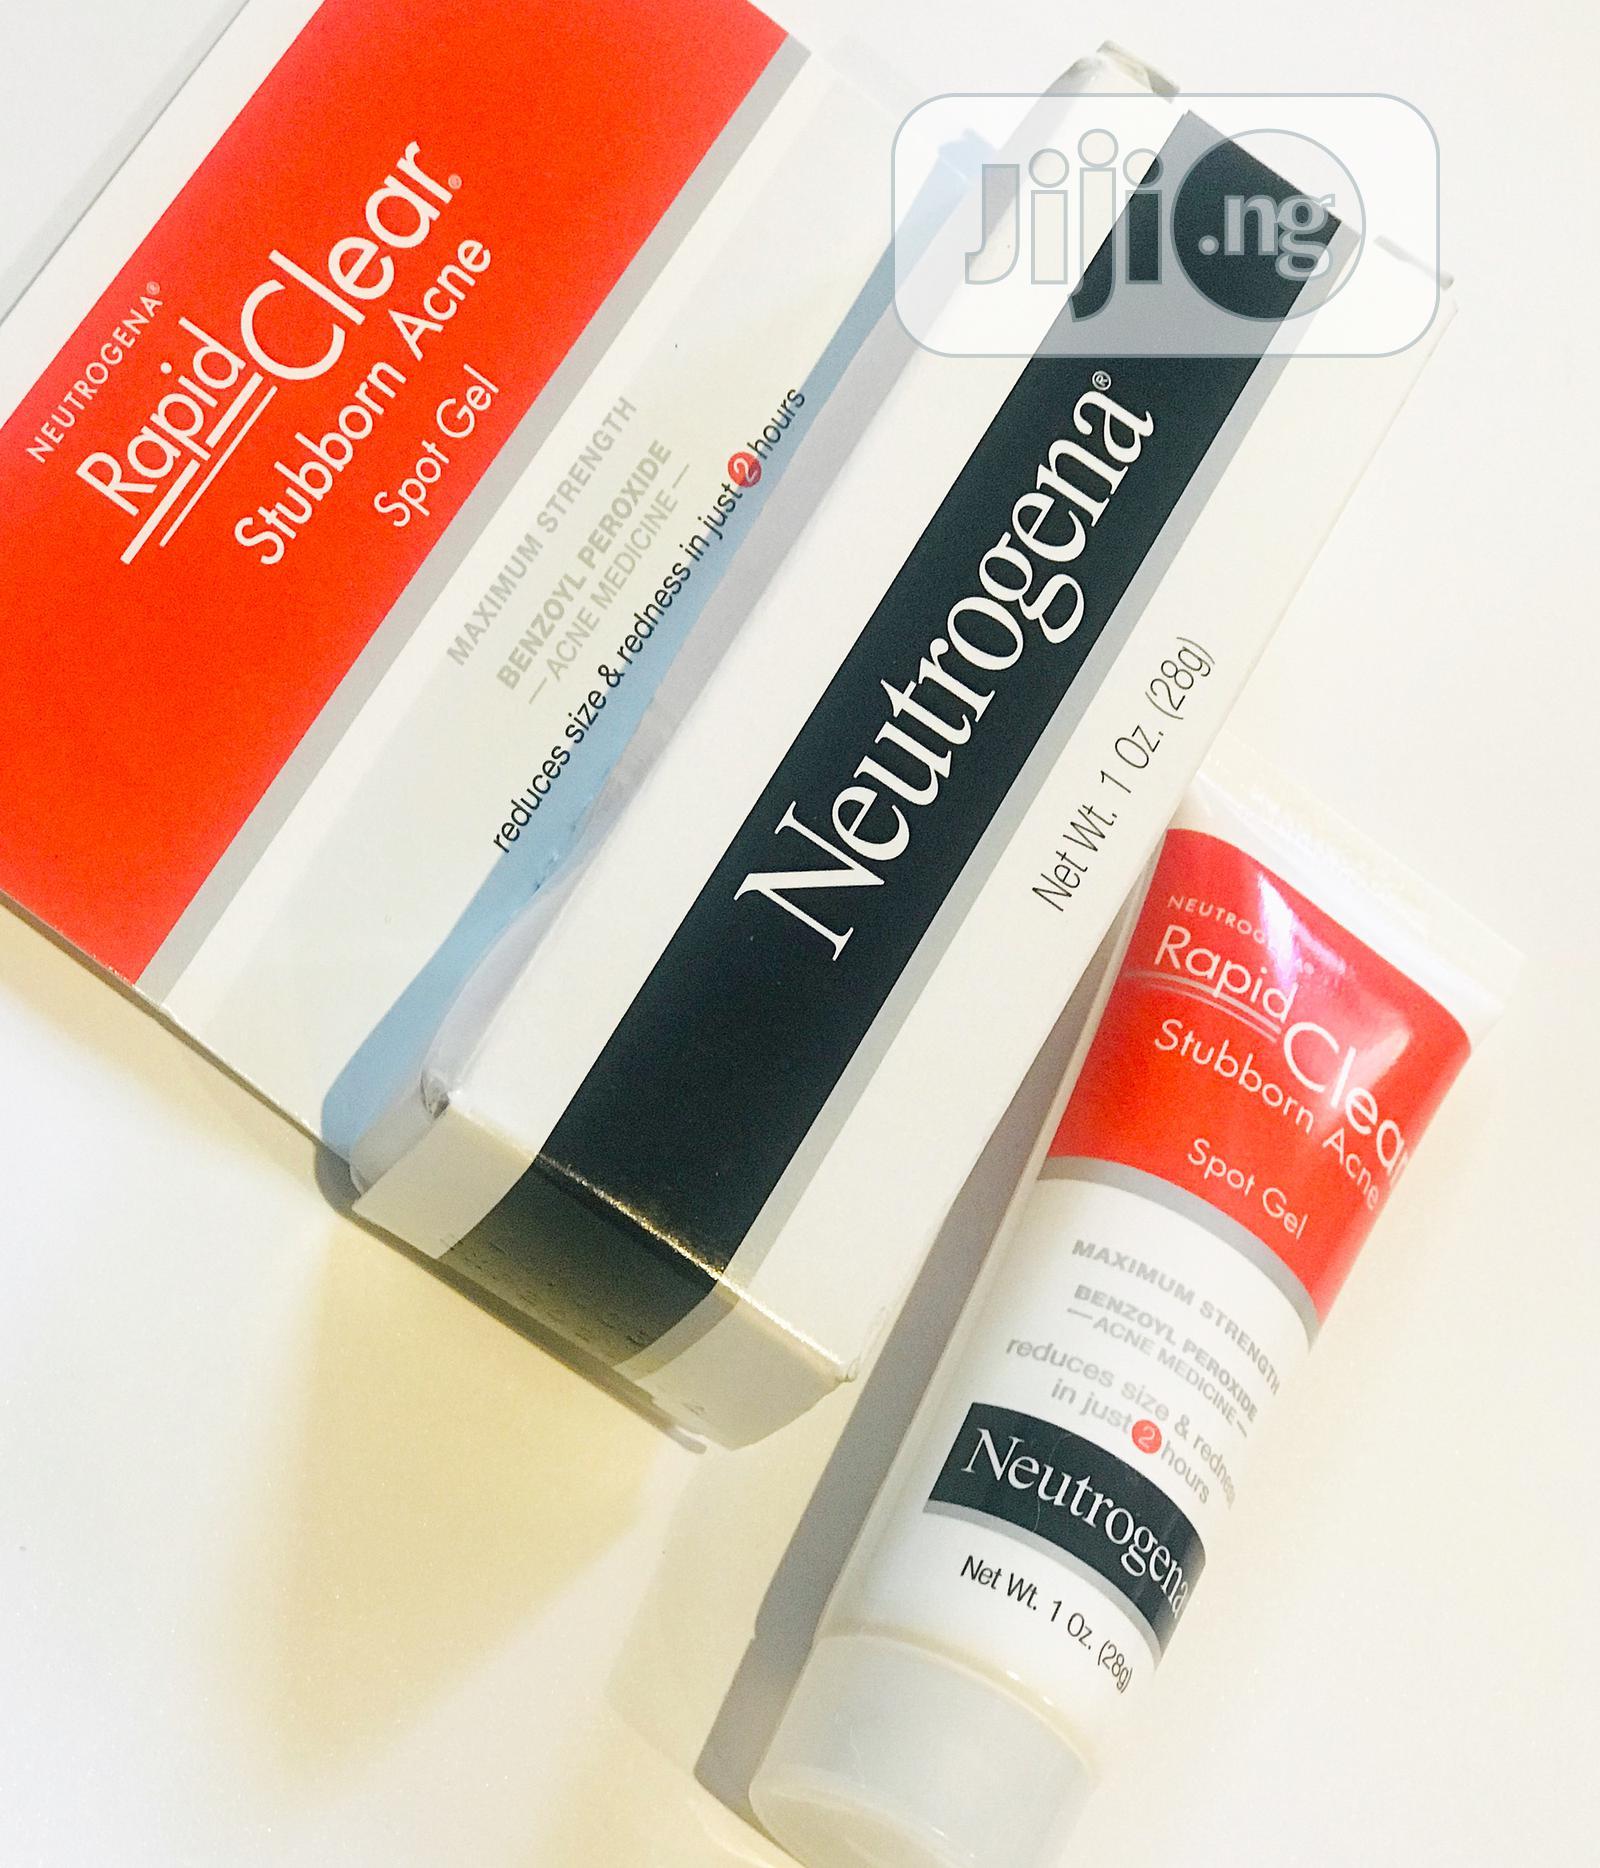 Neutrogena Rapid Clear Spot Treatment Gel In Ikeja Skin Care